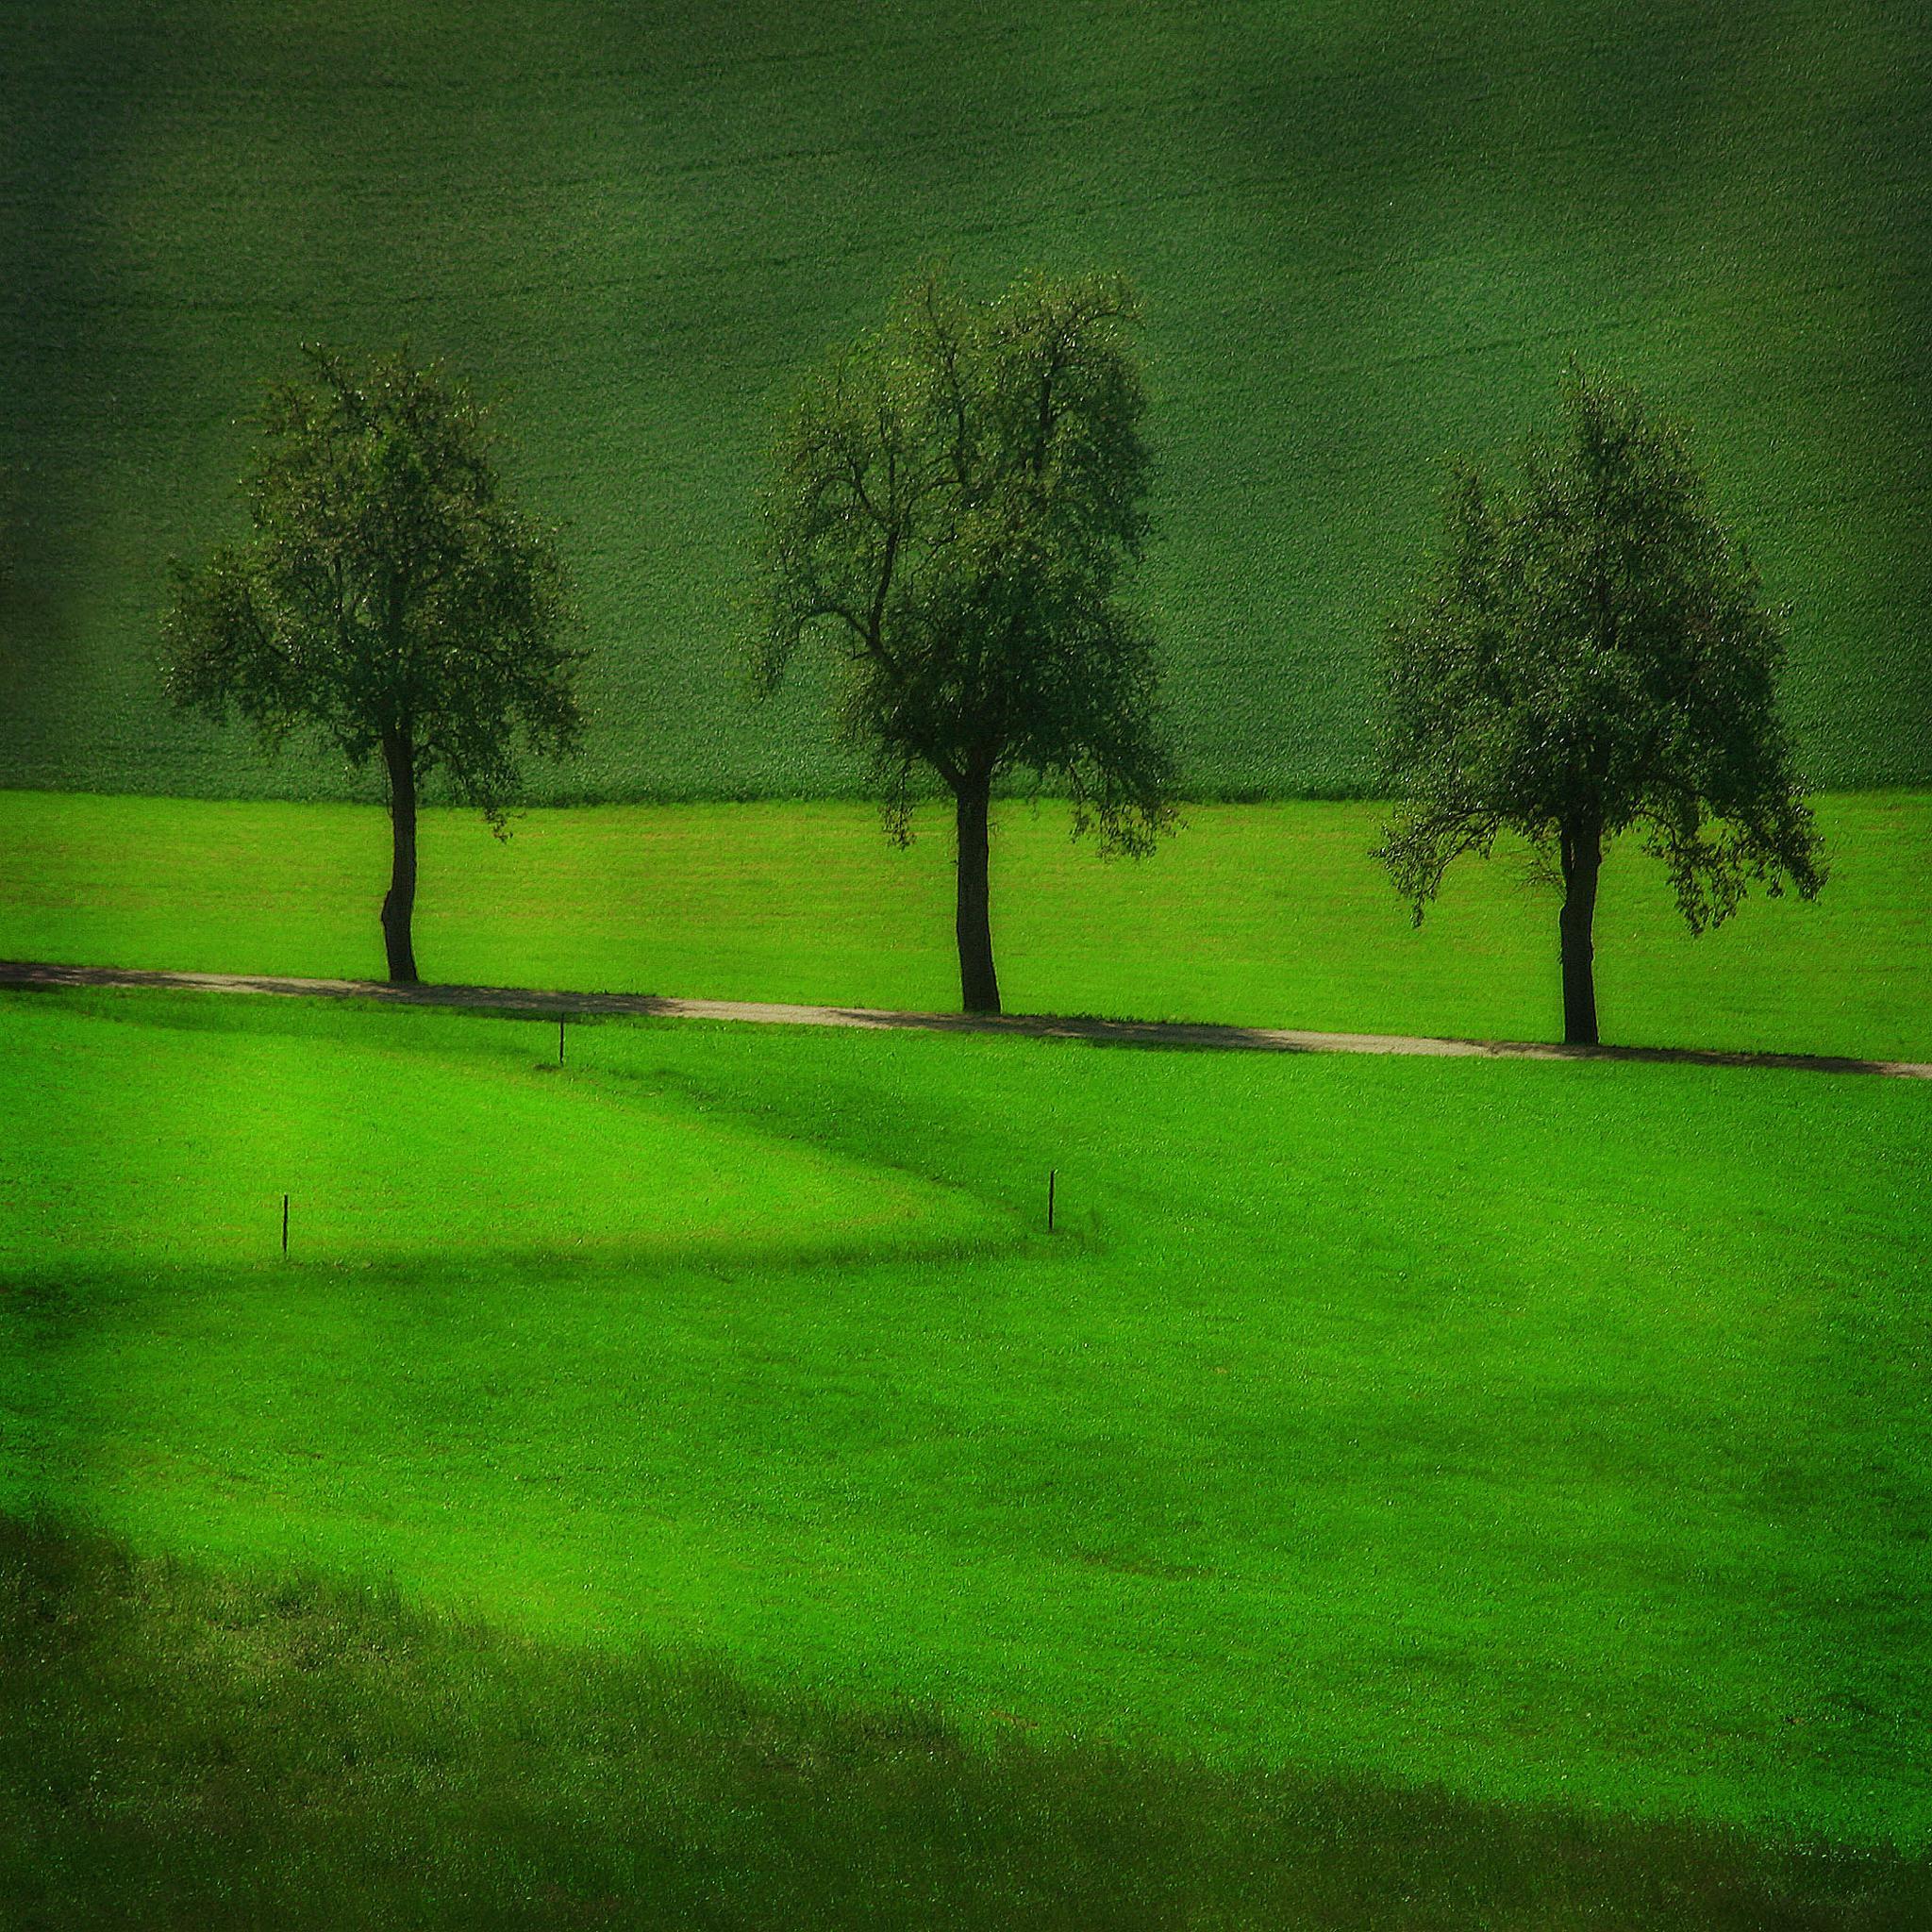 Just green by regzech